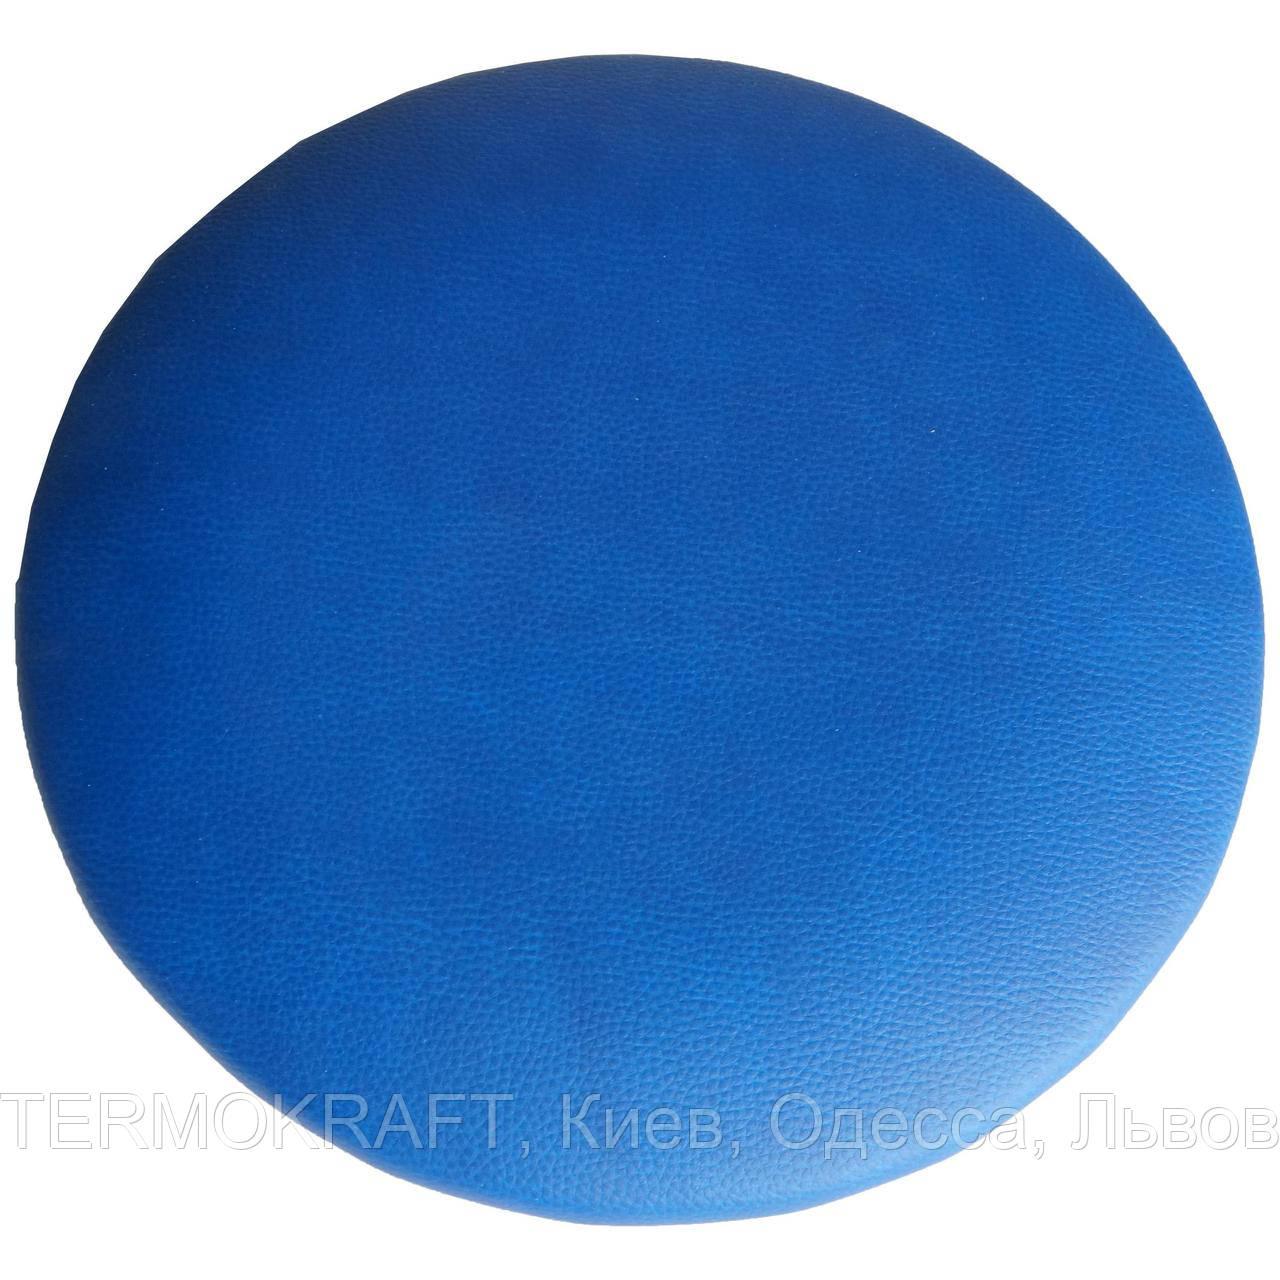 Сидіння стільця АНТ D-400 кругле синє